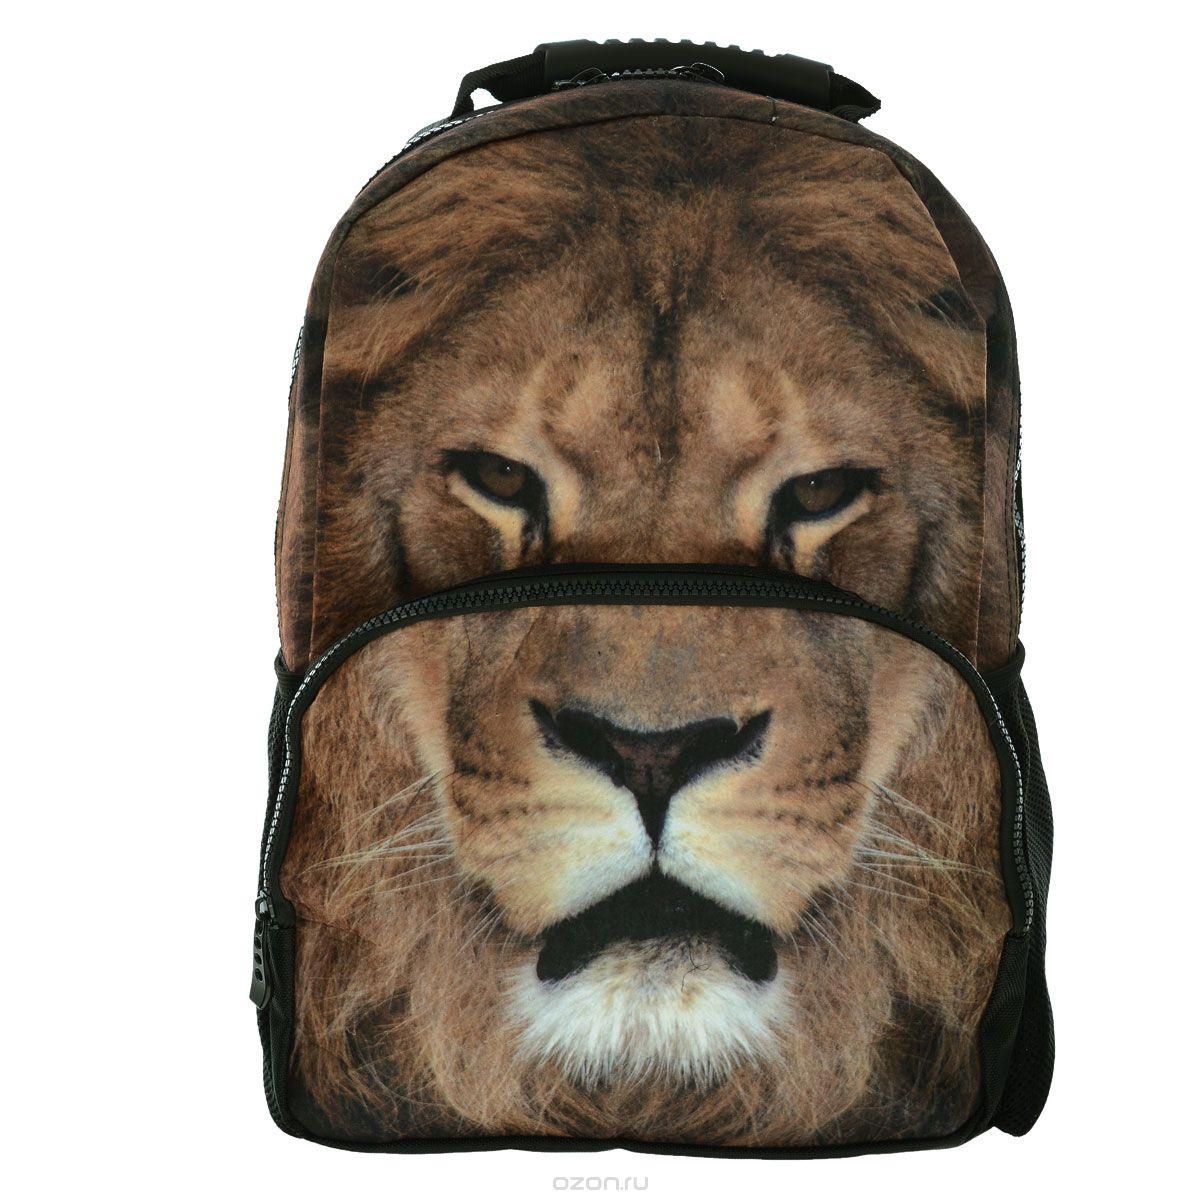 Рюкзак школьный Trend Line Lion, цвет: черныйNR_00062Стильный школьный рюкзак Trend Line выполнен из полиэстера, дополнен вставкой из флиса, которая оформлена художественной печатью с изображением Lion. Рюкзак имеет одно основное отделение, закрывающееся на застежку-молнию. Снаружи, на лицевой стороне, рюкзака размещен накладной карман на молнии, внутри которого предусмотрен еще один накладной карман на липучке. С двух сторон изделия расположены два накладных сетчатых кармашка. В верхней части изделия предусмотрена эргономичная ручка для переноски, а также предусмотрены регулируемые лямки. Такой рюкзак станет незаменимым спутником вашего ребенка в походах за знаниями.